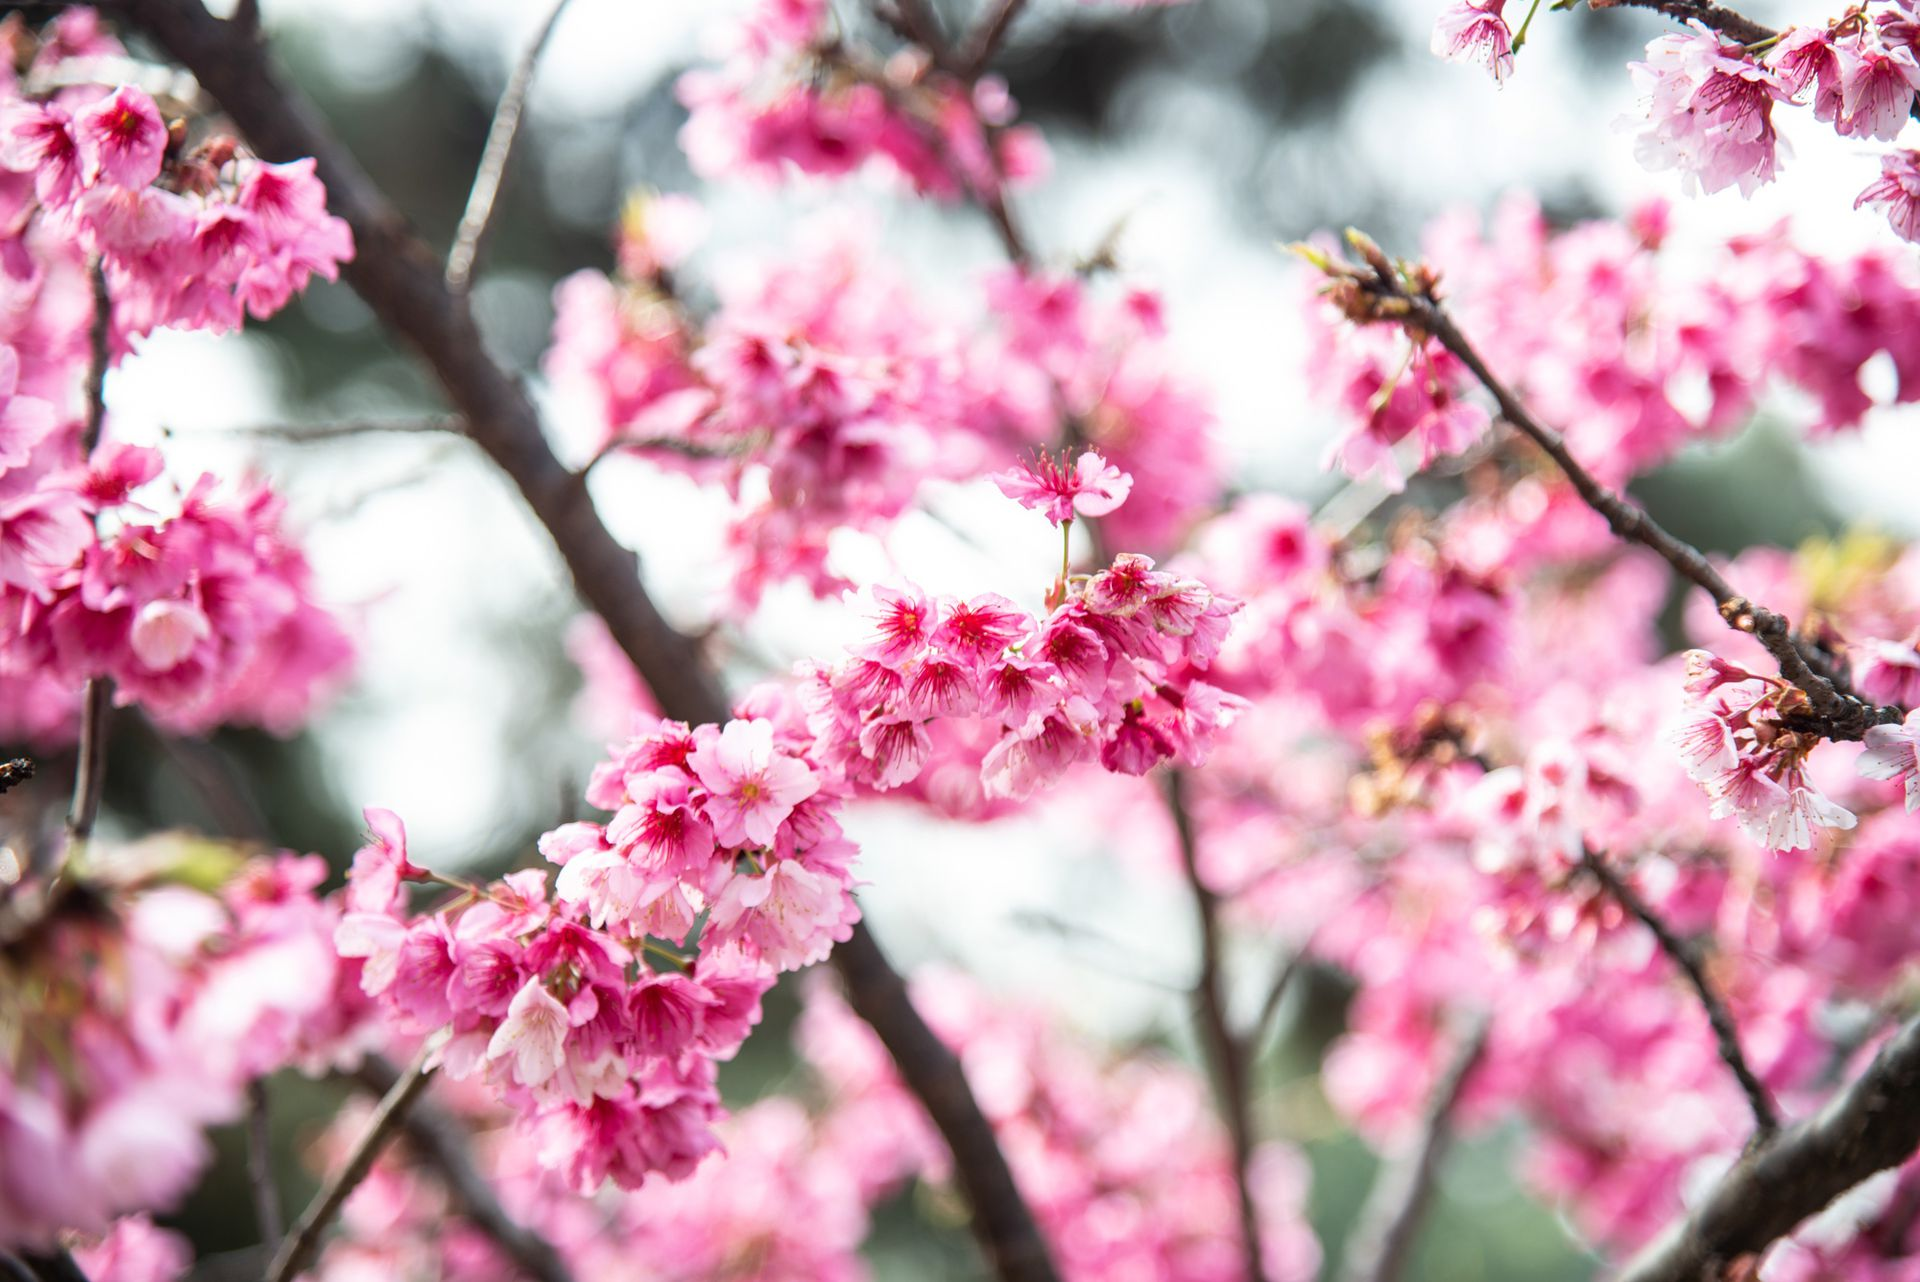 La flor del cerezo es la más representativa de Japón. Su llegada es un acontecimiento que se festeja colectivamente con la celebración del Hanami. Amigos, familia y compañeros de trabajo beben sake, cantan y bailan bajo los esplendorosos árboles. Esta costumbre es multitudinaria y ancestral, y data del siglo XVIII.